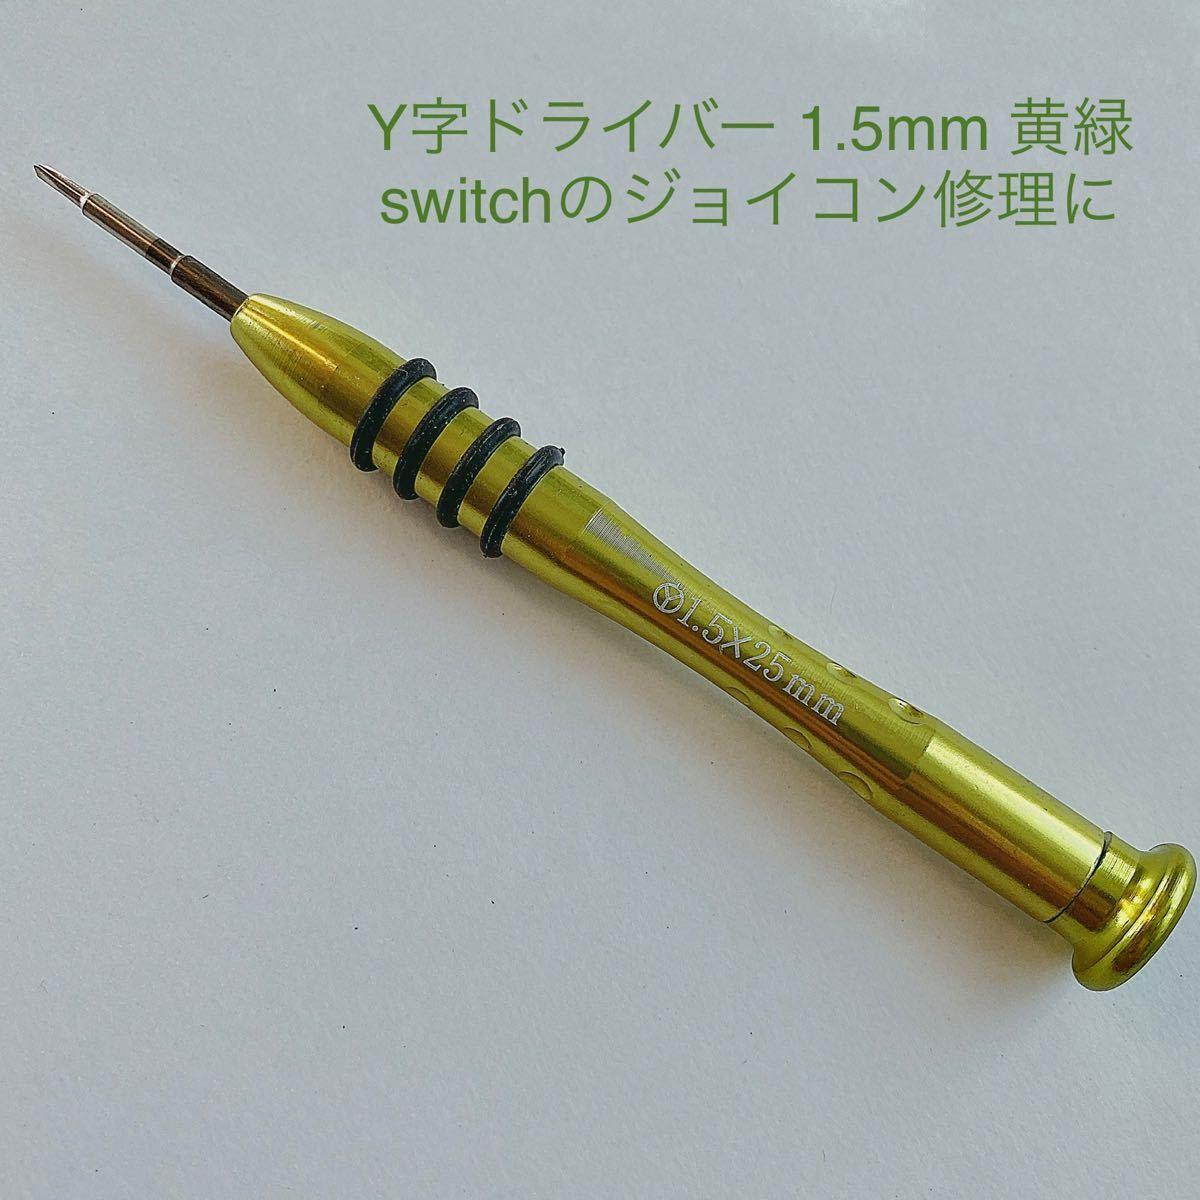 【即日発送*送料無料】1.5mm Y字ドライバー(黄緑色) 任天堂switch 修理用